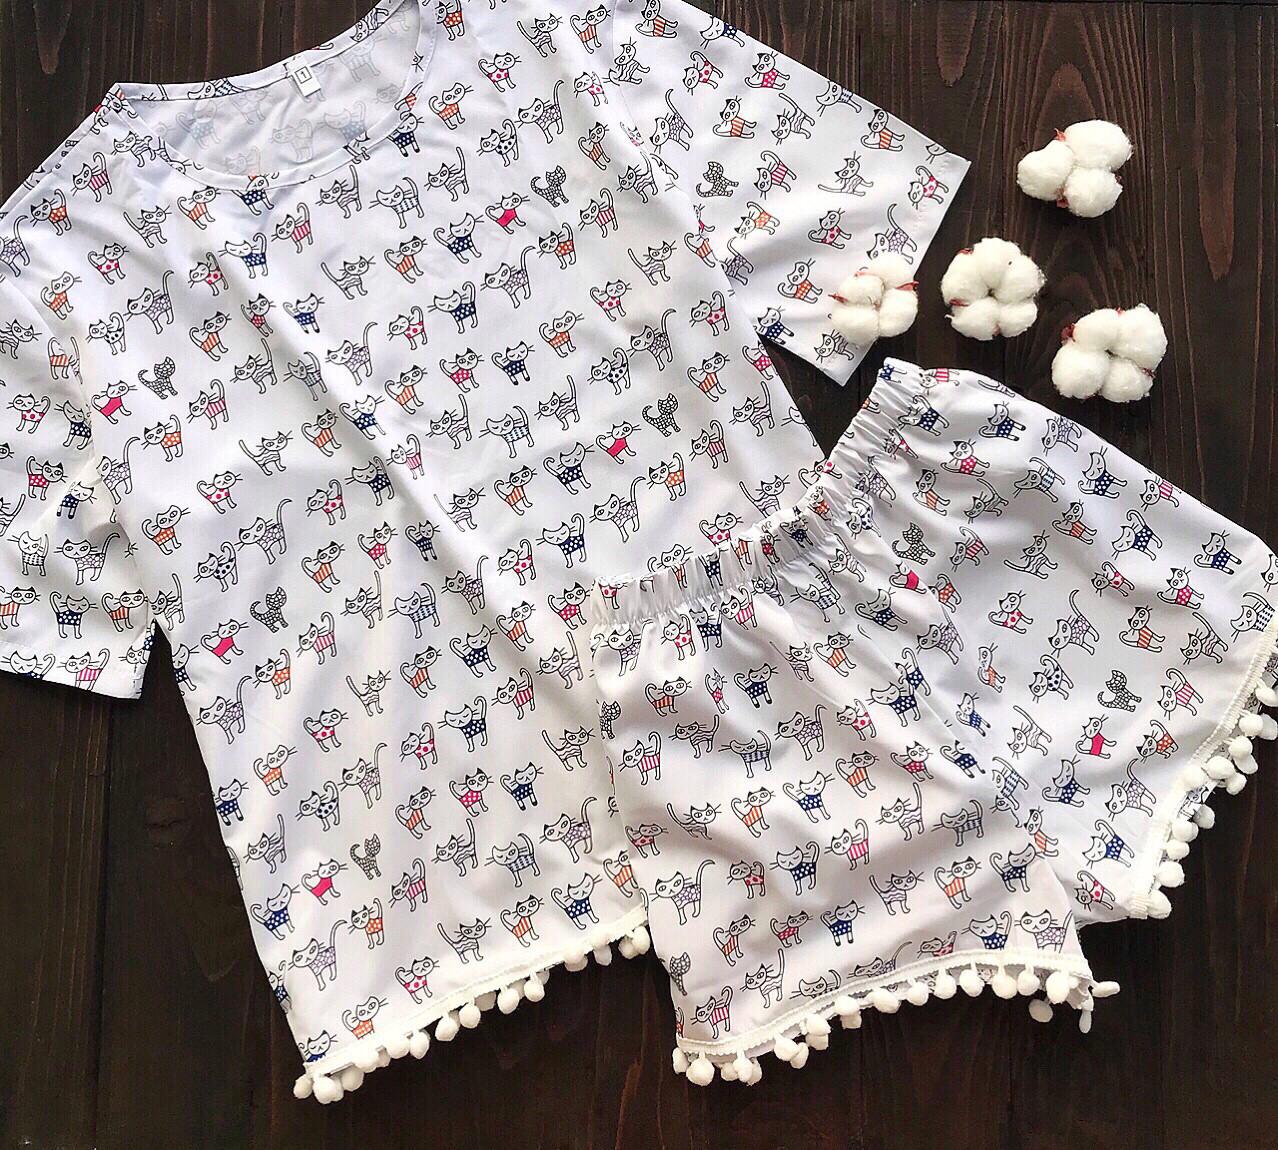 9c1b69191ada Пижама с бубонами S-M коты: продажа, цена в Одессе. пижамы женские ...